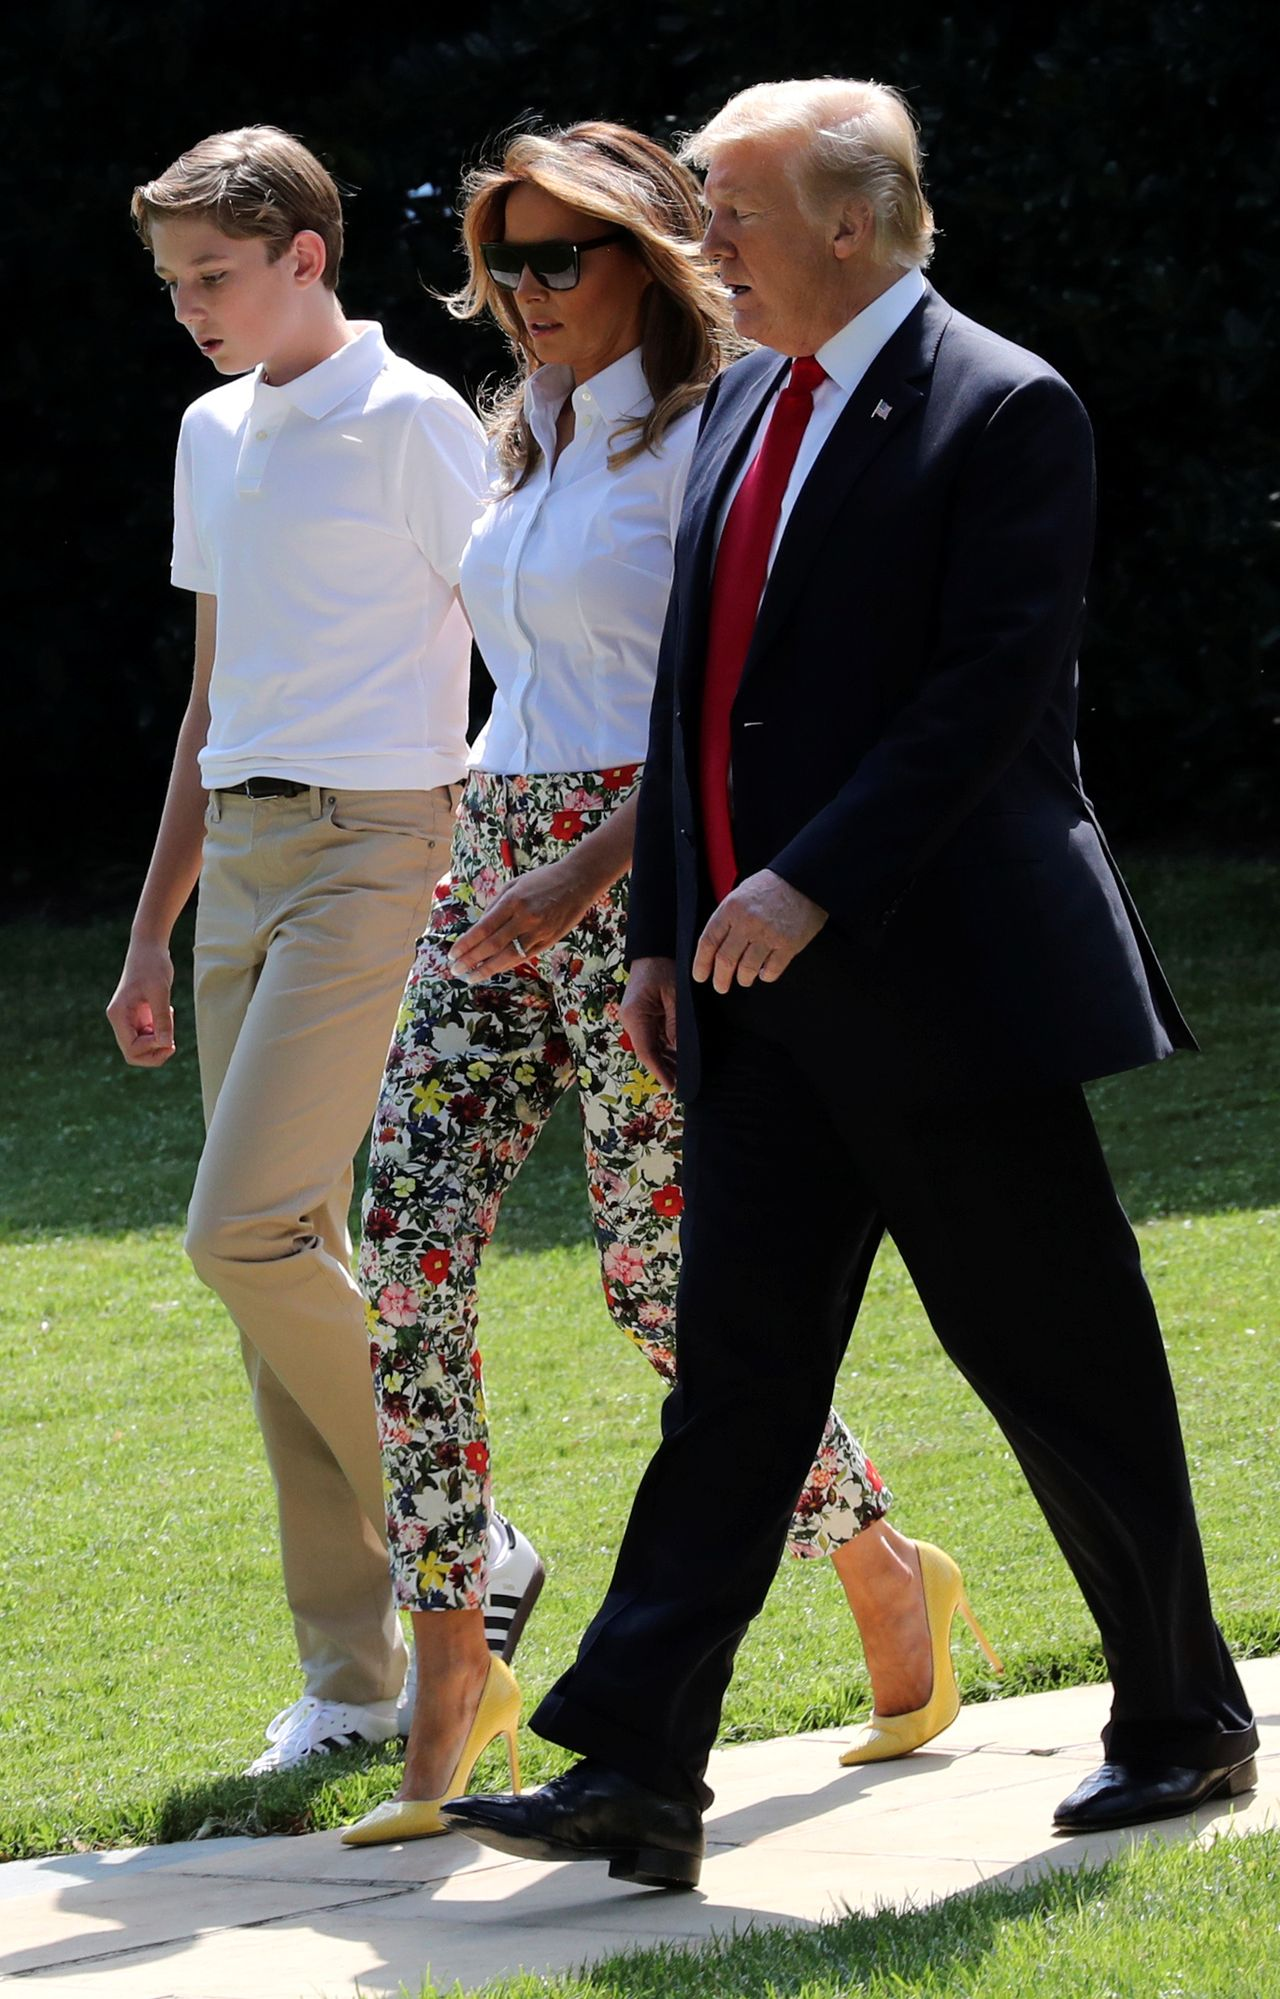 Jak dziś wygląda Barron Trump? Bardzo się zmienił! (ZDJĘCIA)